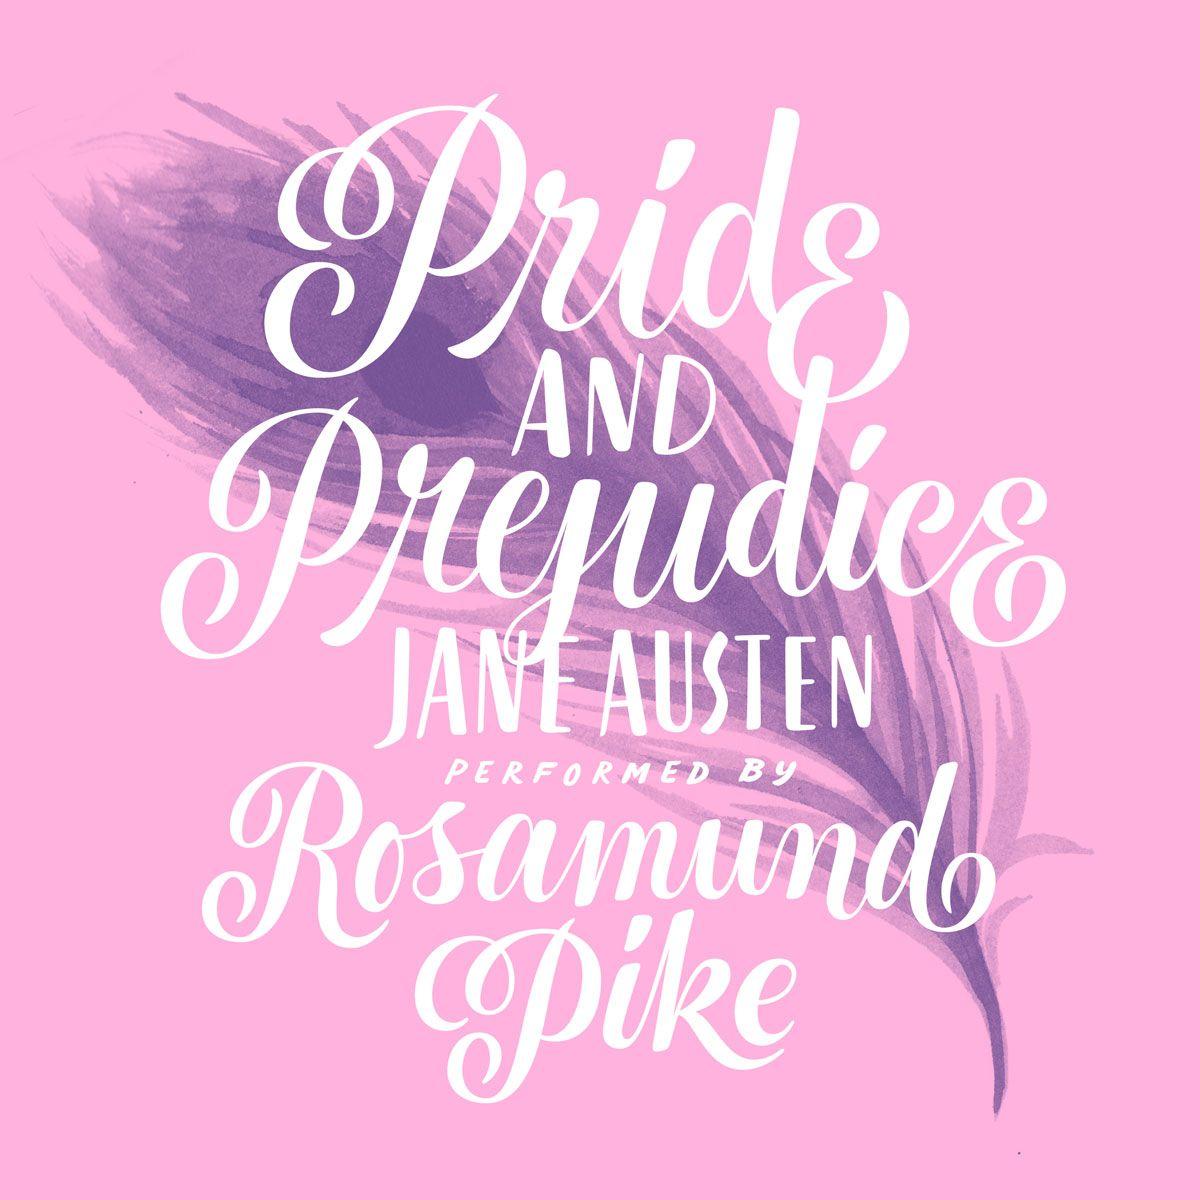 Pride Prejudice For Audible Jessica Hische Jessica Hische Lettering Jessica Hische Typography